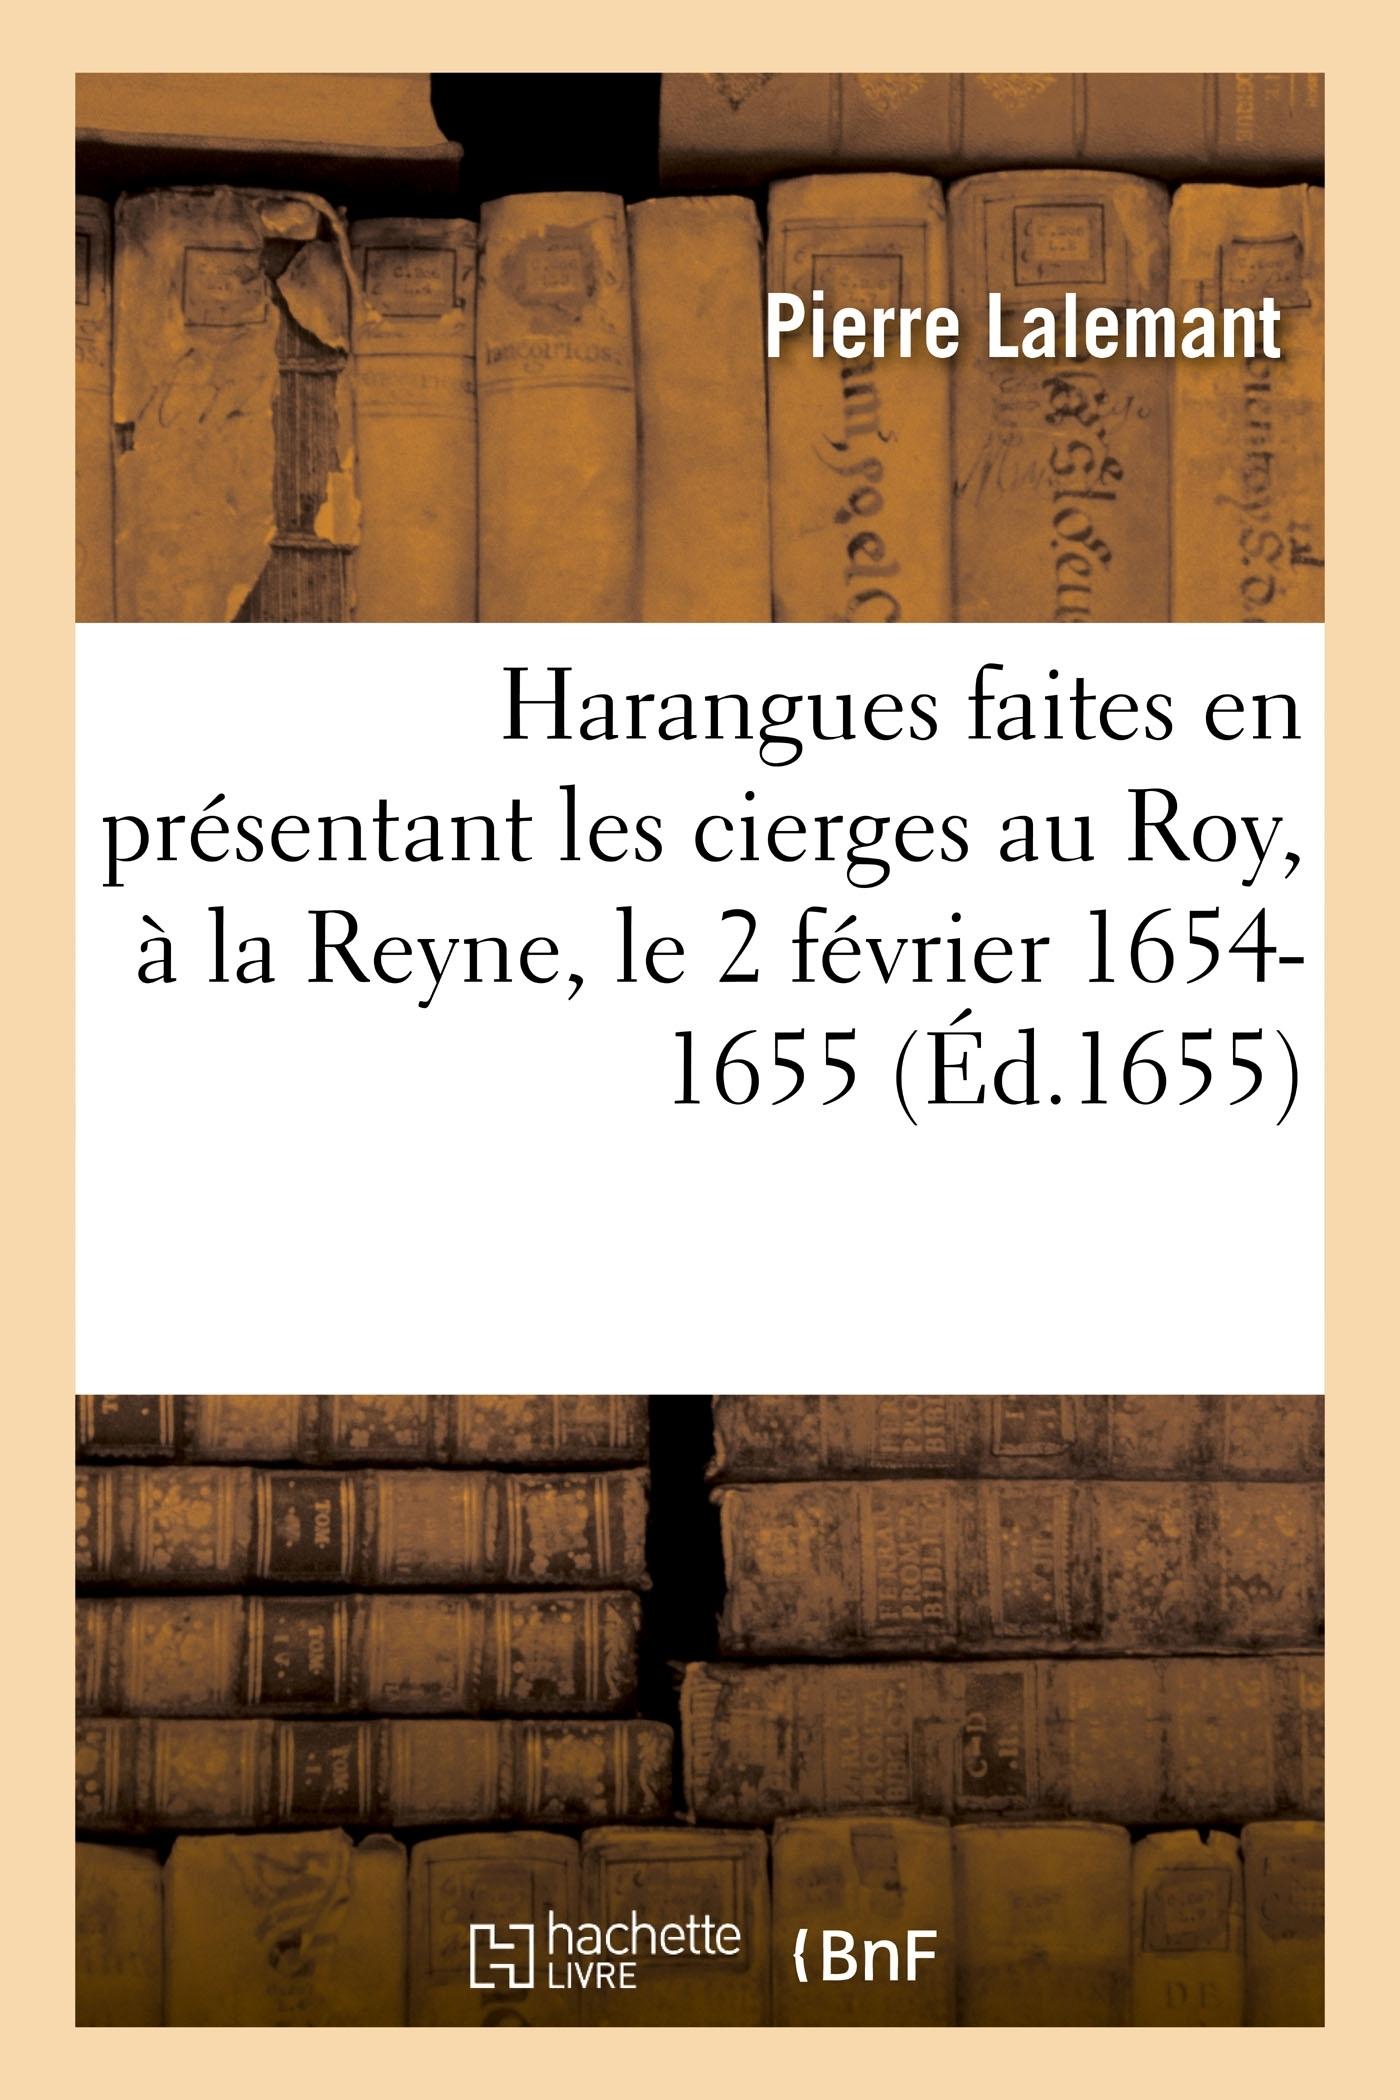 HARANGUES FAITES EN PRESENTANT LES CIERGES AU ROY, A LA REYNE